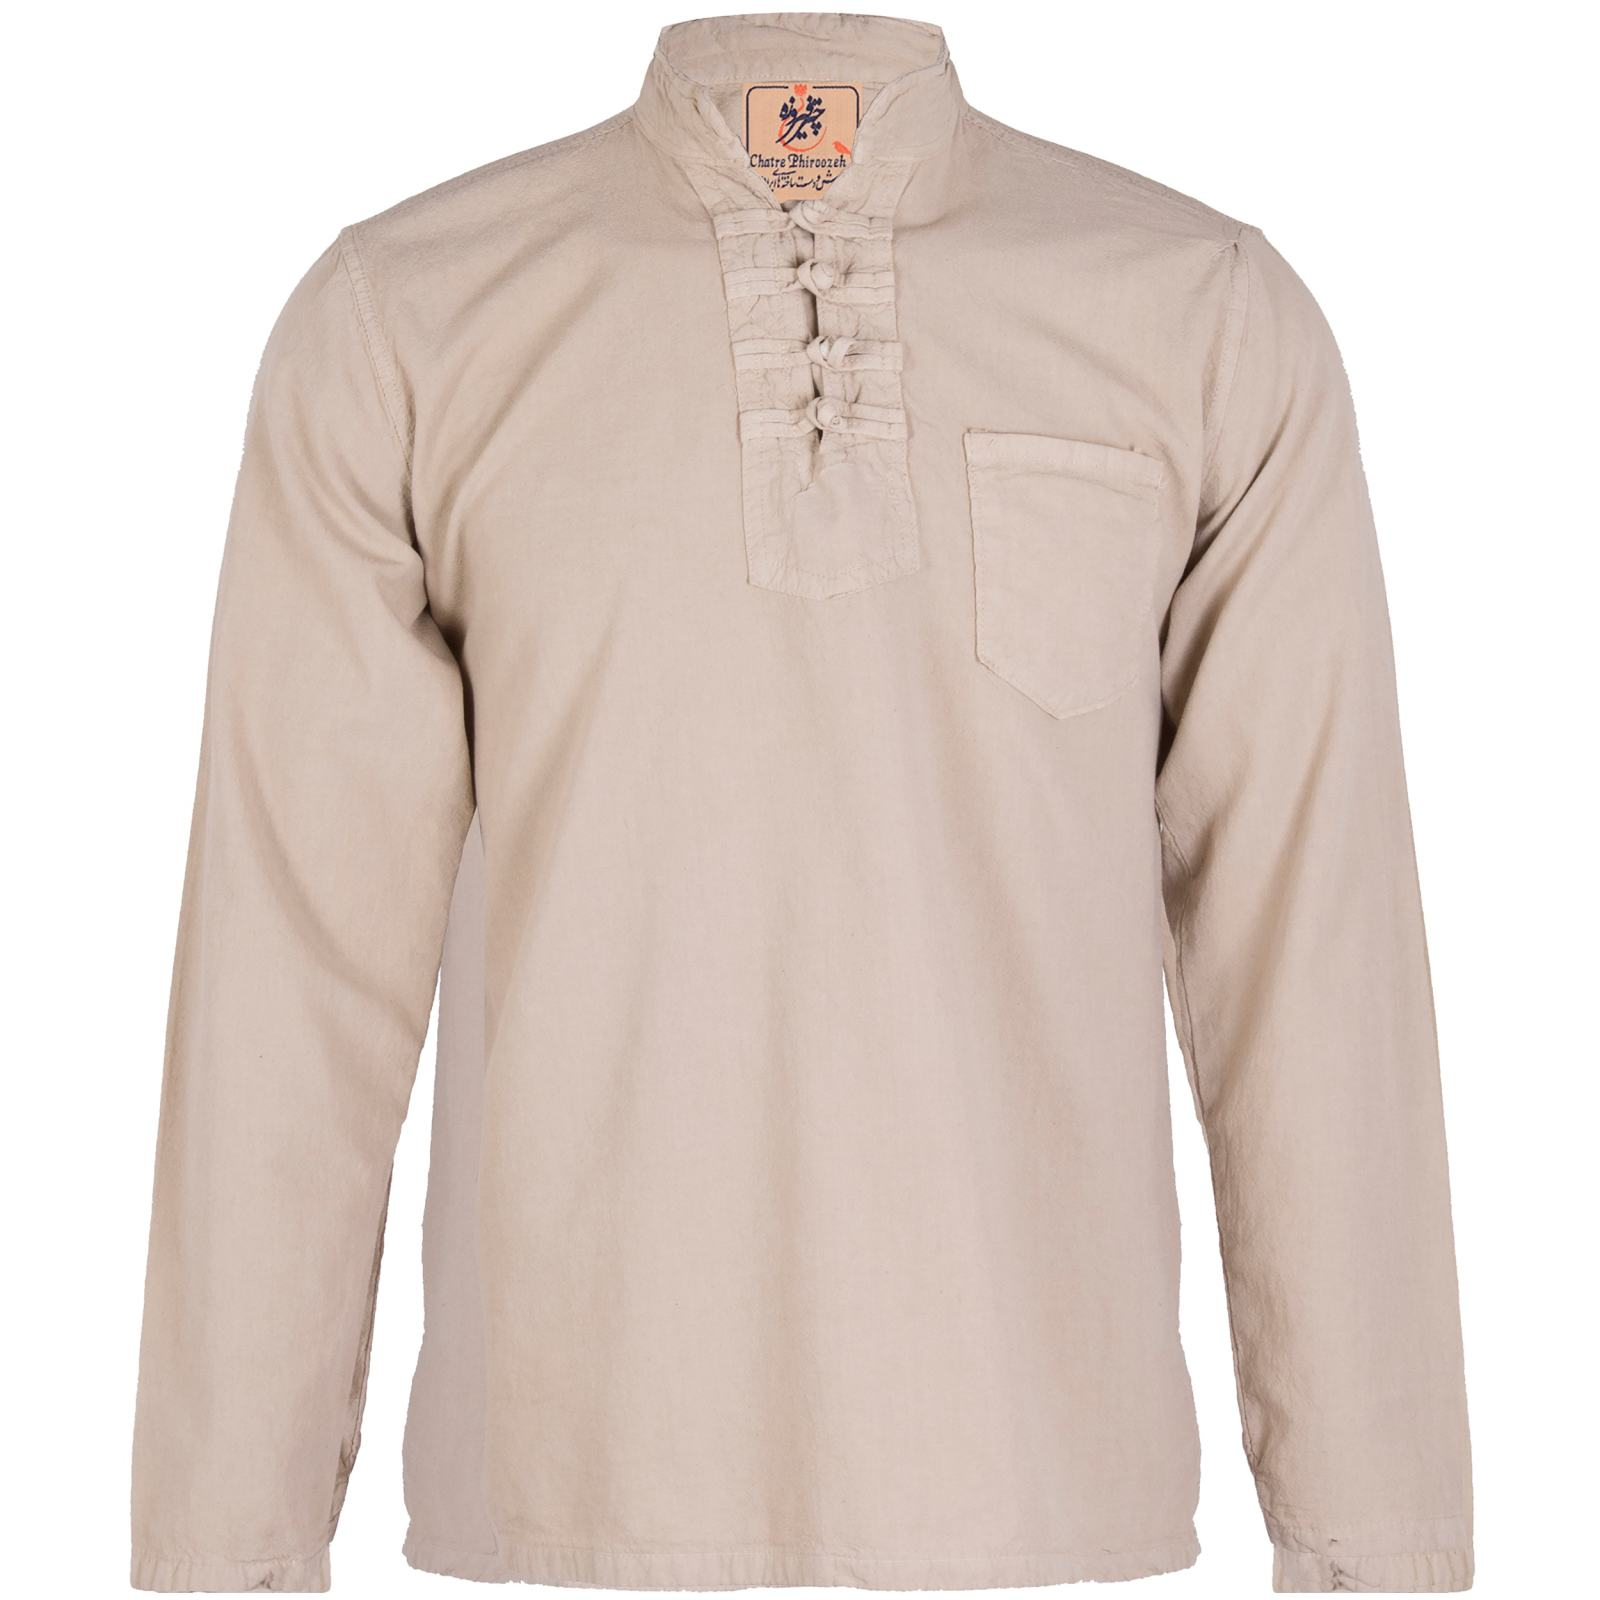 پیراهن مردانه الیاف طبیعی چترفیروزه مدل چهارگره کرم کد 3 -  - 1